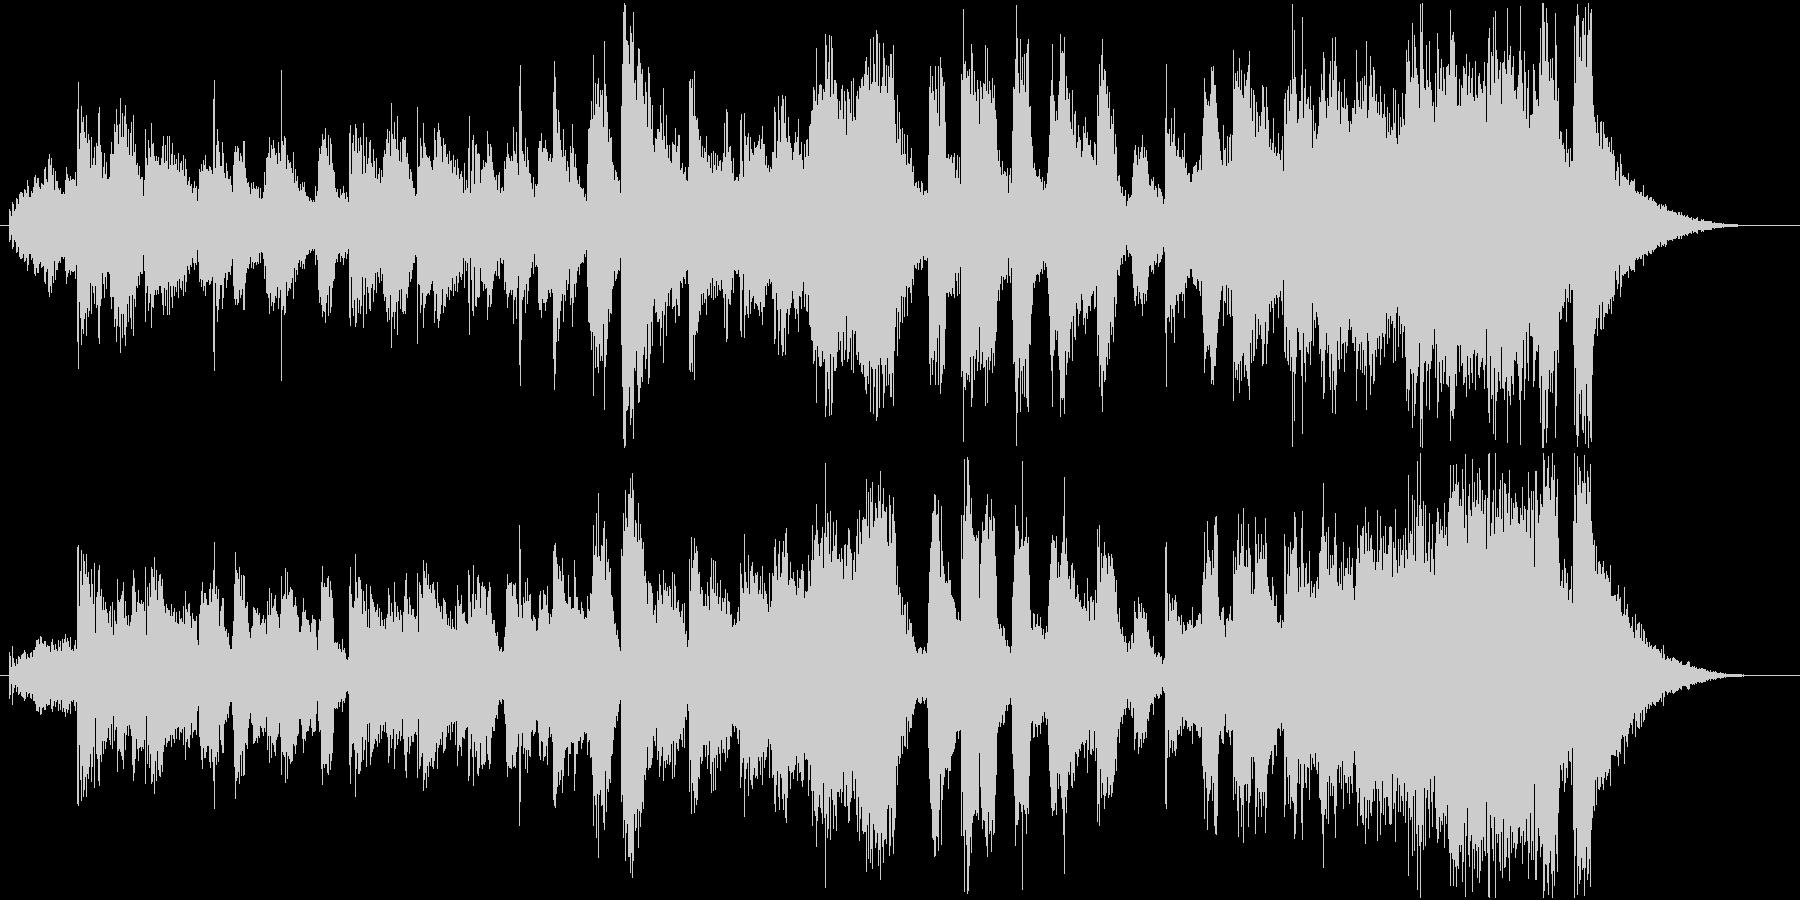 ブラスの効いたバンド形式のジングルの未再生の波形